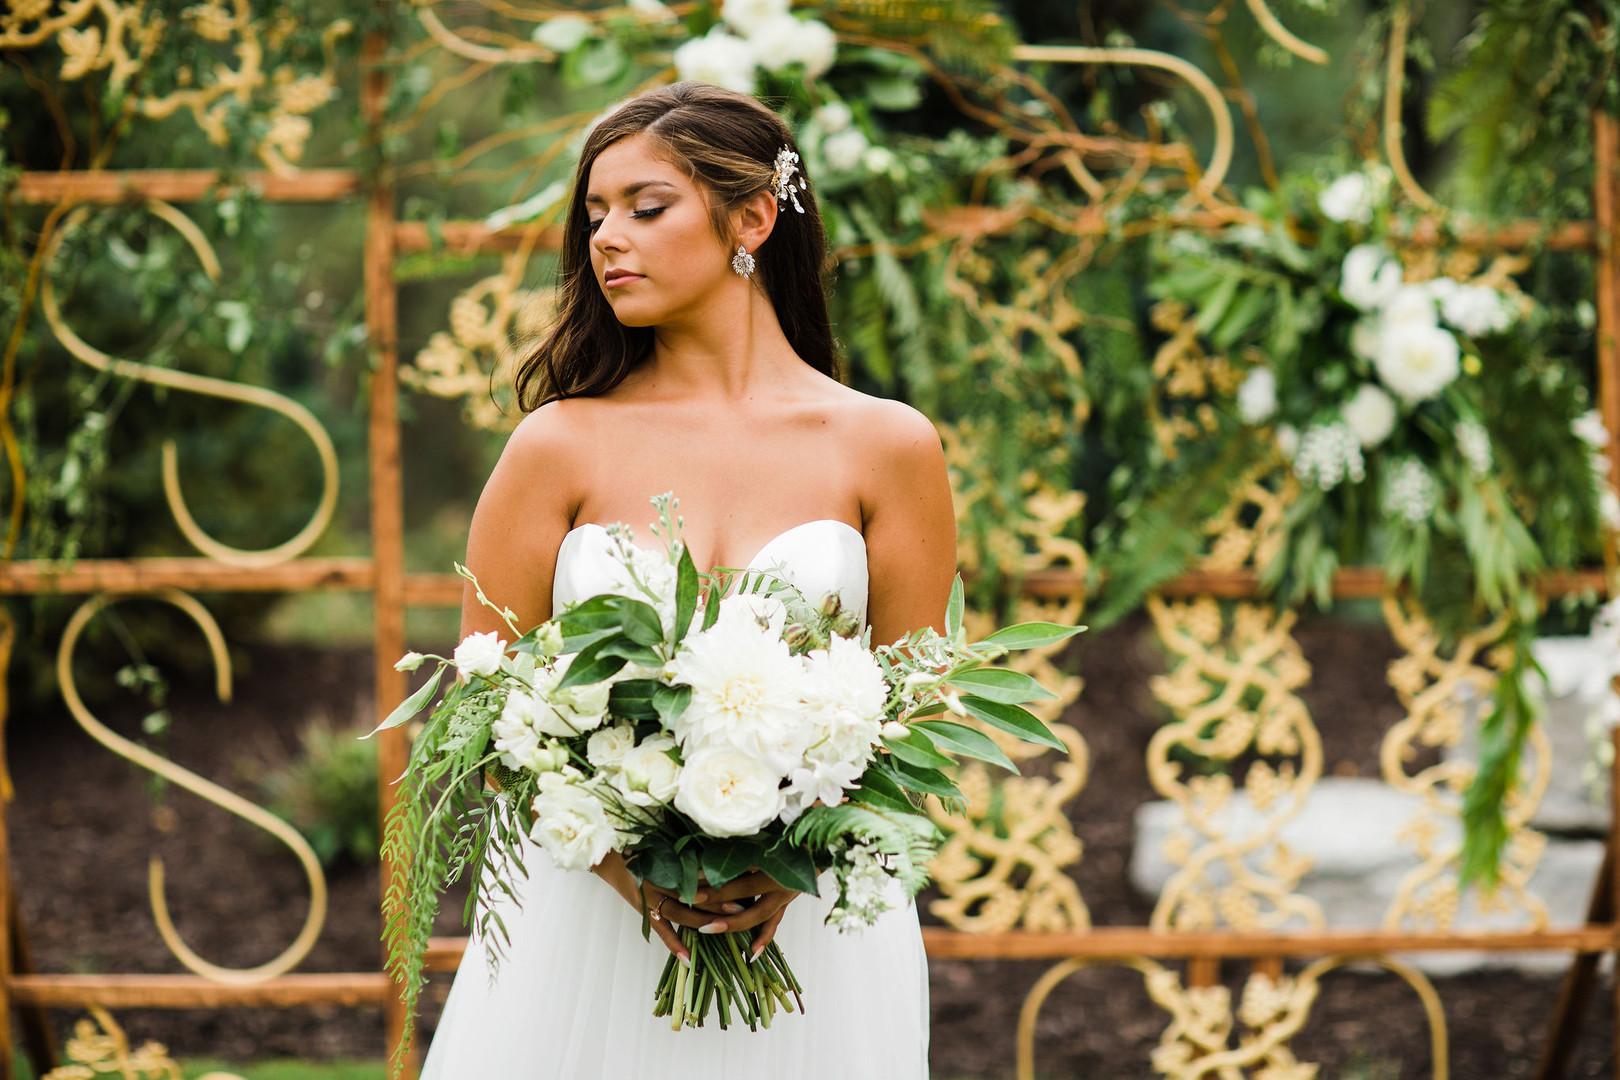 WeddingDayCover2020-46.jpg